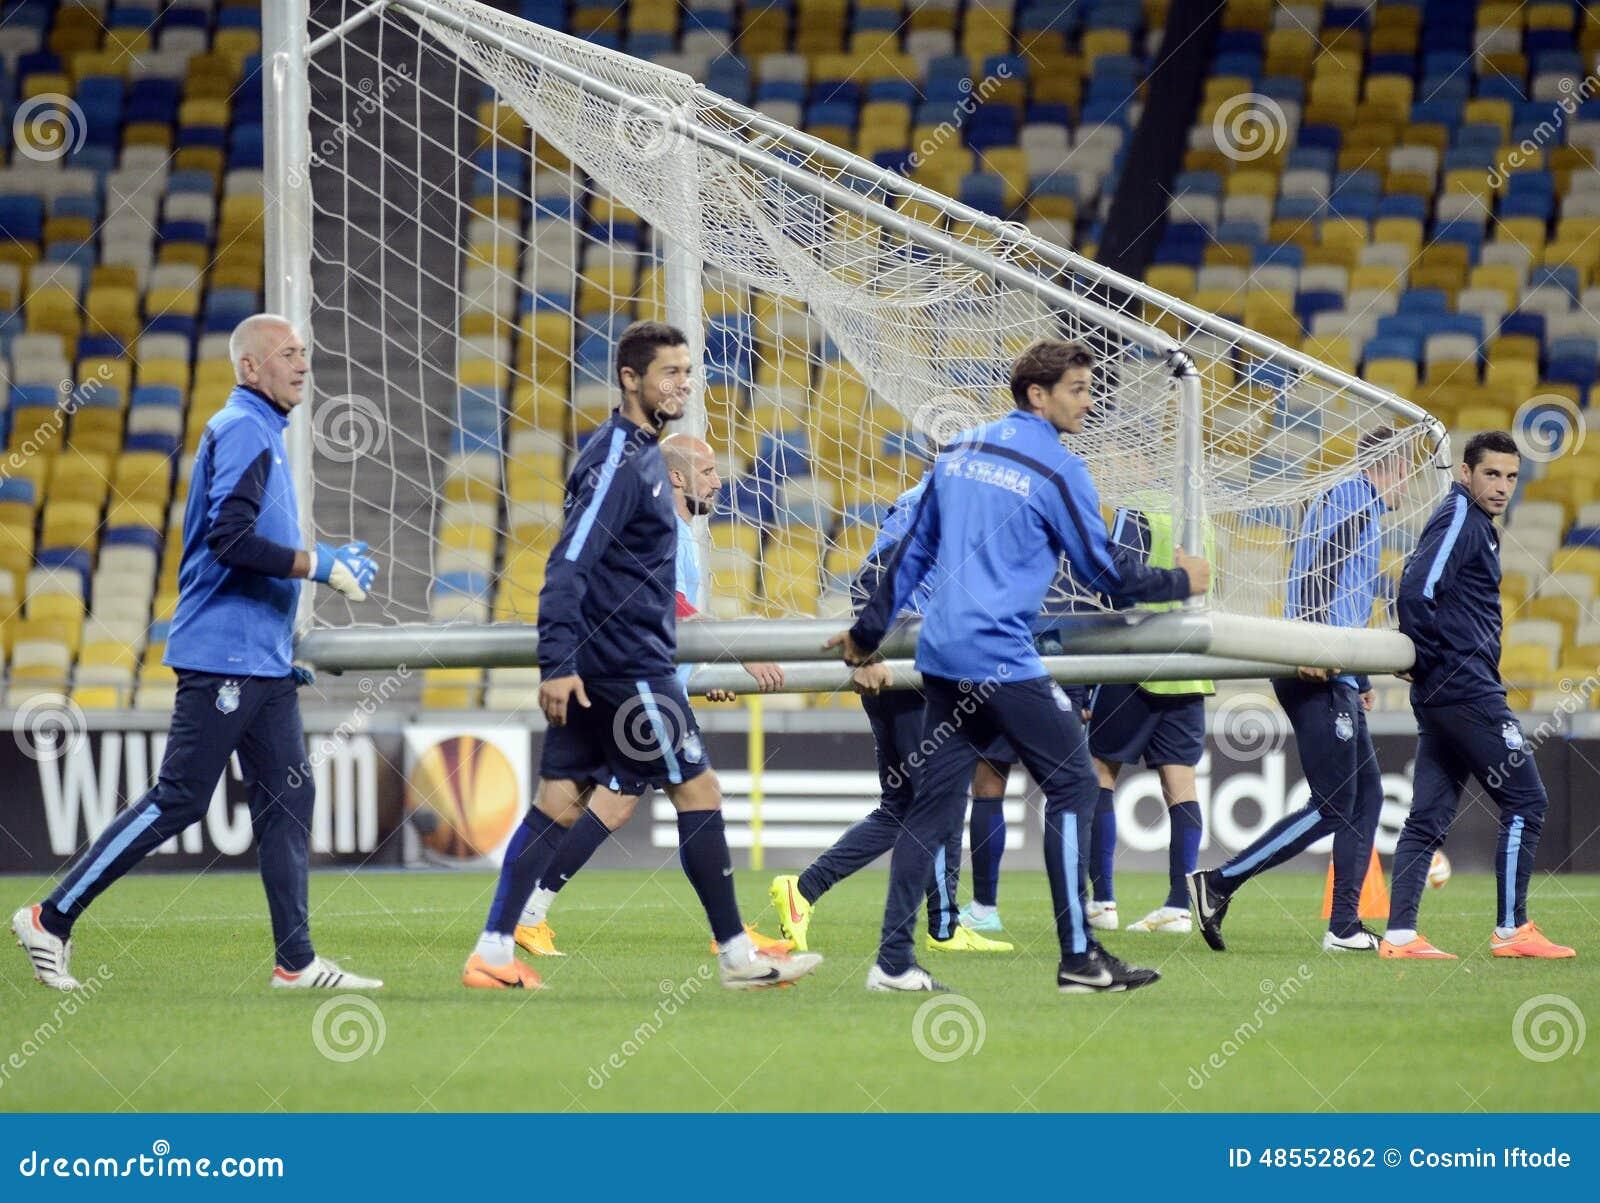 Fotbollsspelare bär målstolpe